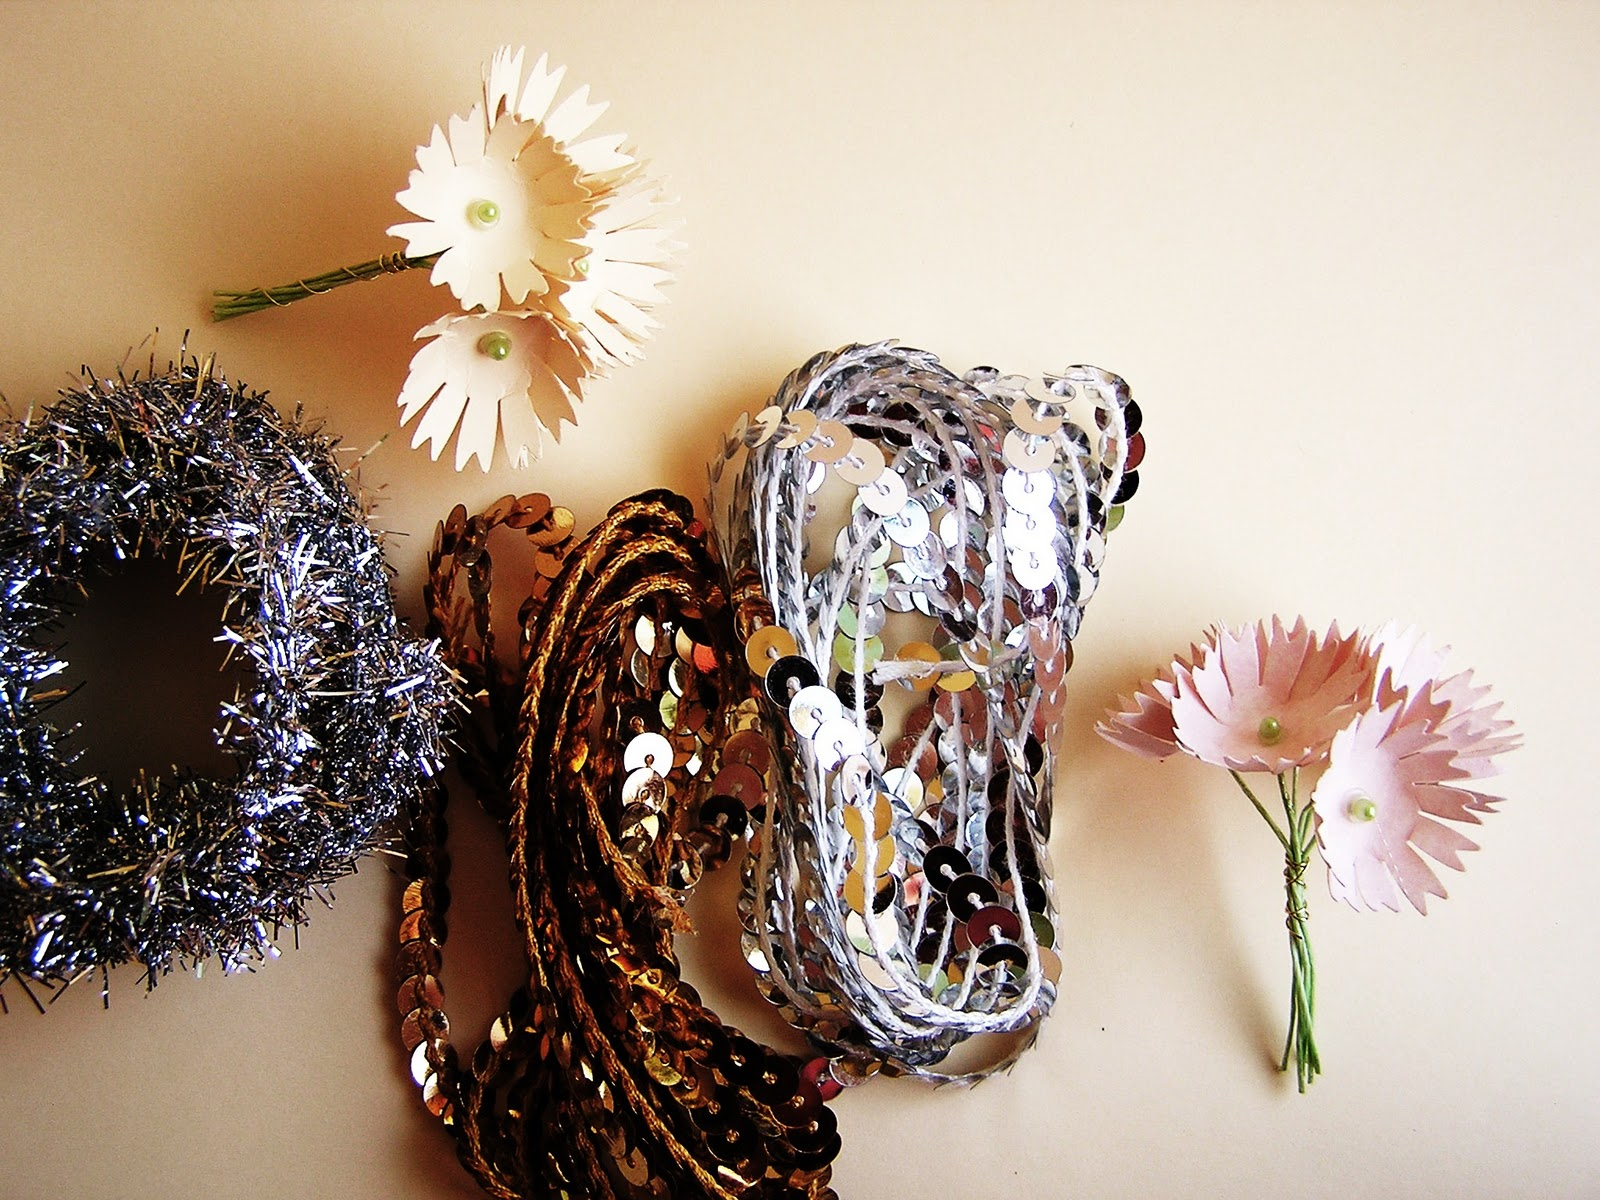 http://2.bp.blogspot.com/_aZ1jPk_mN9M/TPUXBpkEDlI/AAAAAAAACaY/VjT_Ji4V9qw/s1600/estate+bouquets+and+next+giveaway+034.JPG